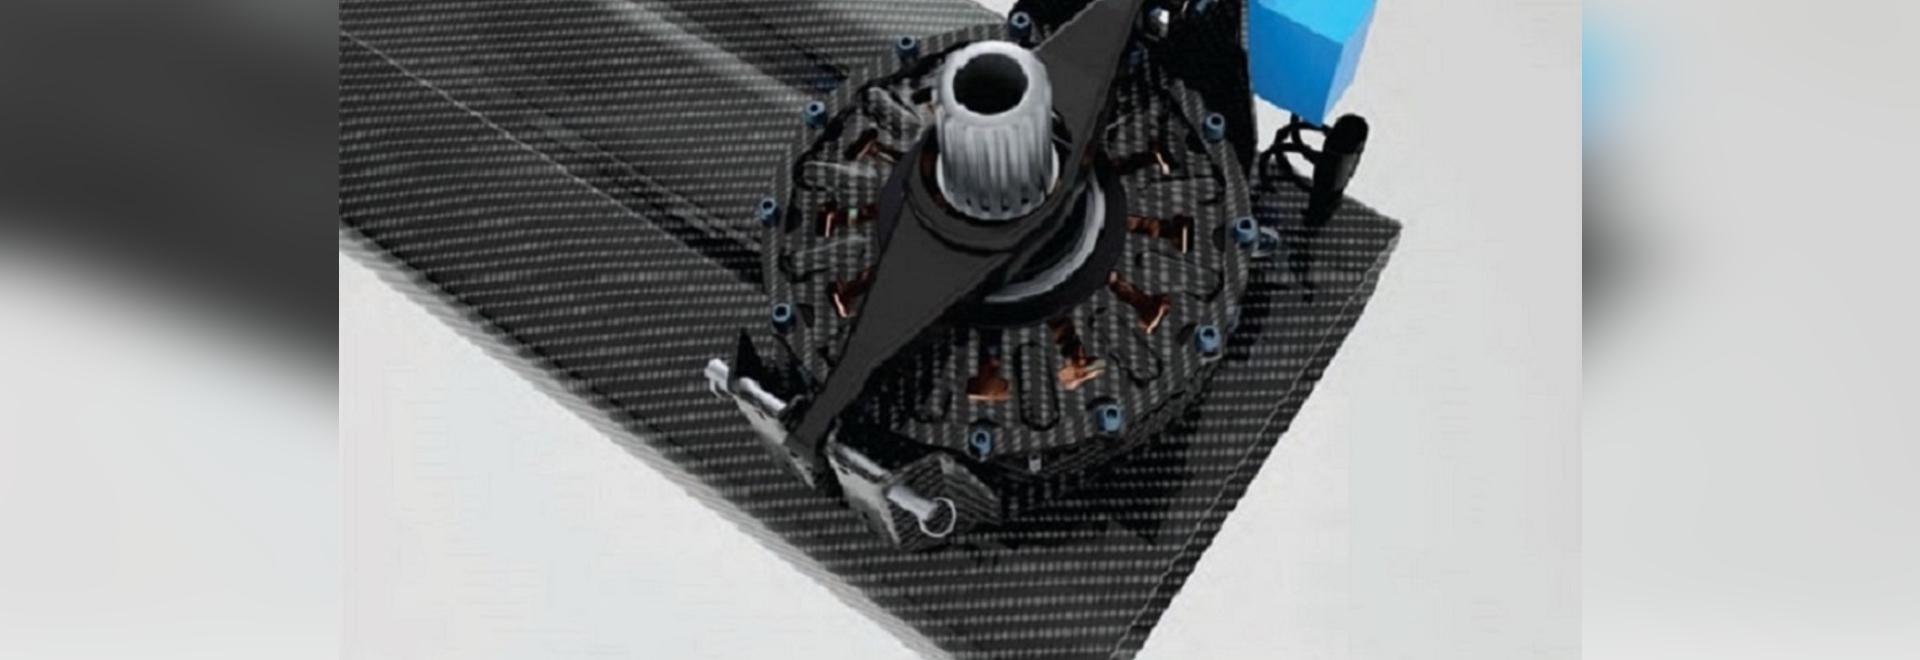 non, it's pas un embrayage de superbike de nouvelle génération ; it's l'embrayage tout carbone d'un socle de broyeur AC75, qui permet des changements de vitesse véritablement sans faille. Développé...